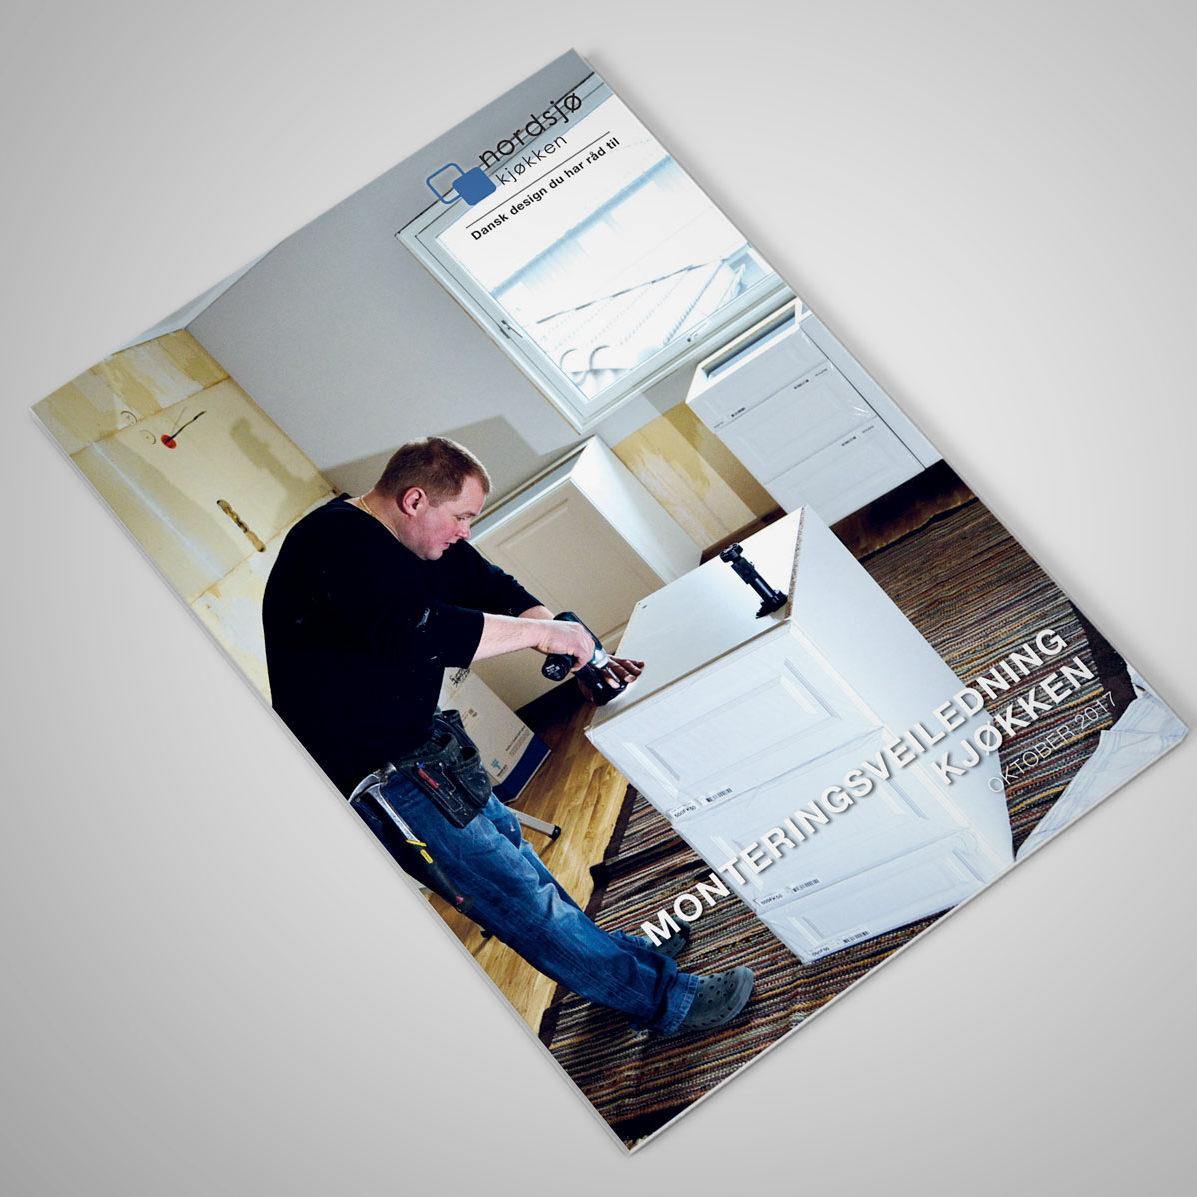 Katalogbilde-montering-kjokken